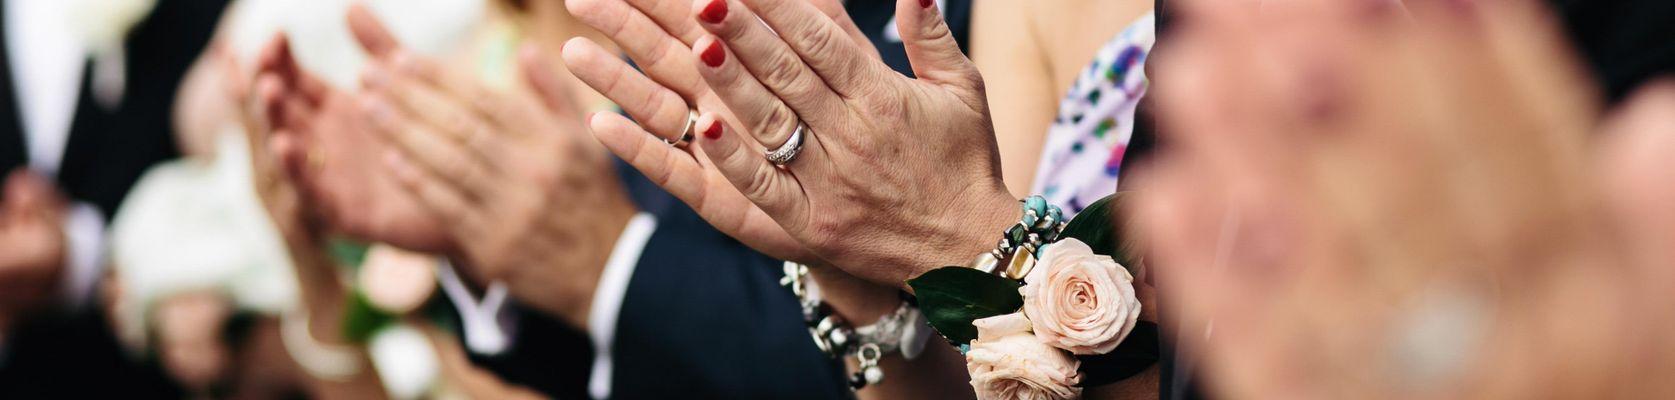 Personen auf der Hochzeit, Hochzeitsgäste, Hochzeitsgast, Trauzeugen, Trauzeugin, Brautjungfern, Eltern des Brautpaares, Brauteltern, Bräutigameltern